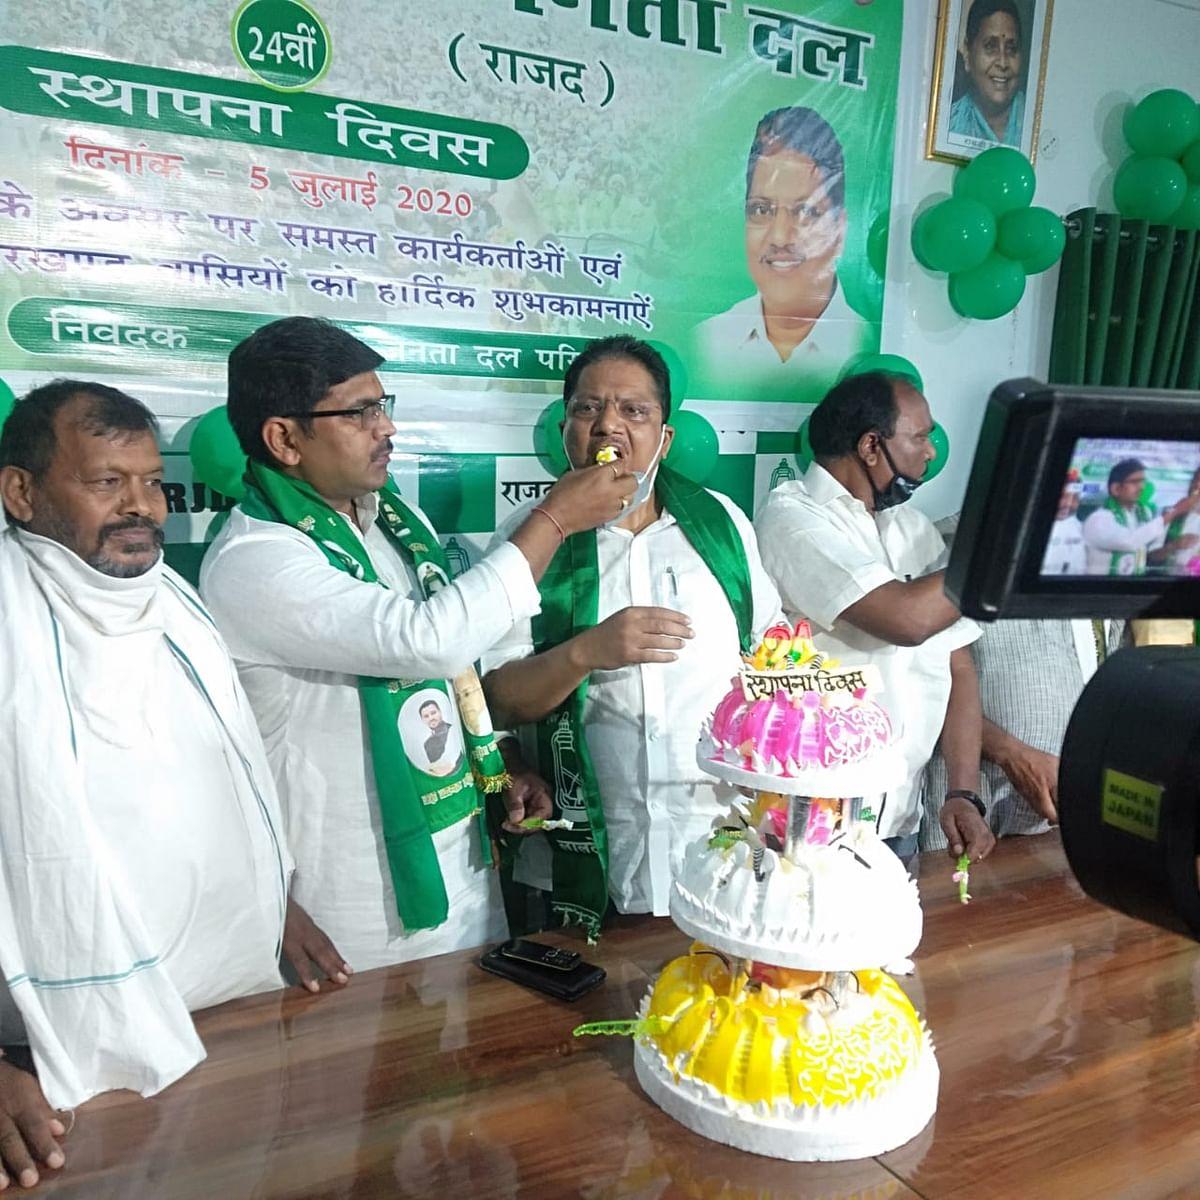 राजद ने 24वें स्थापना दिवस पर महगाई के खिलाफ तांगा और साईकिल रैली निकाला